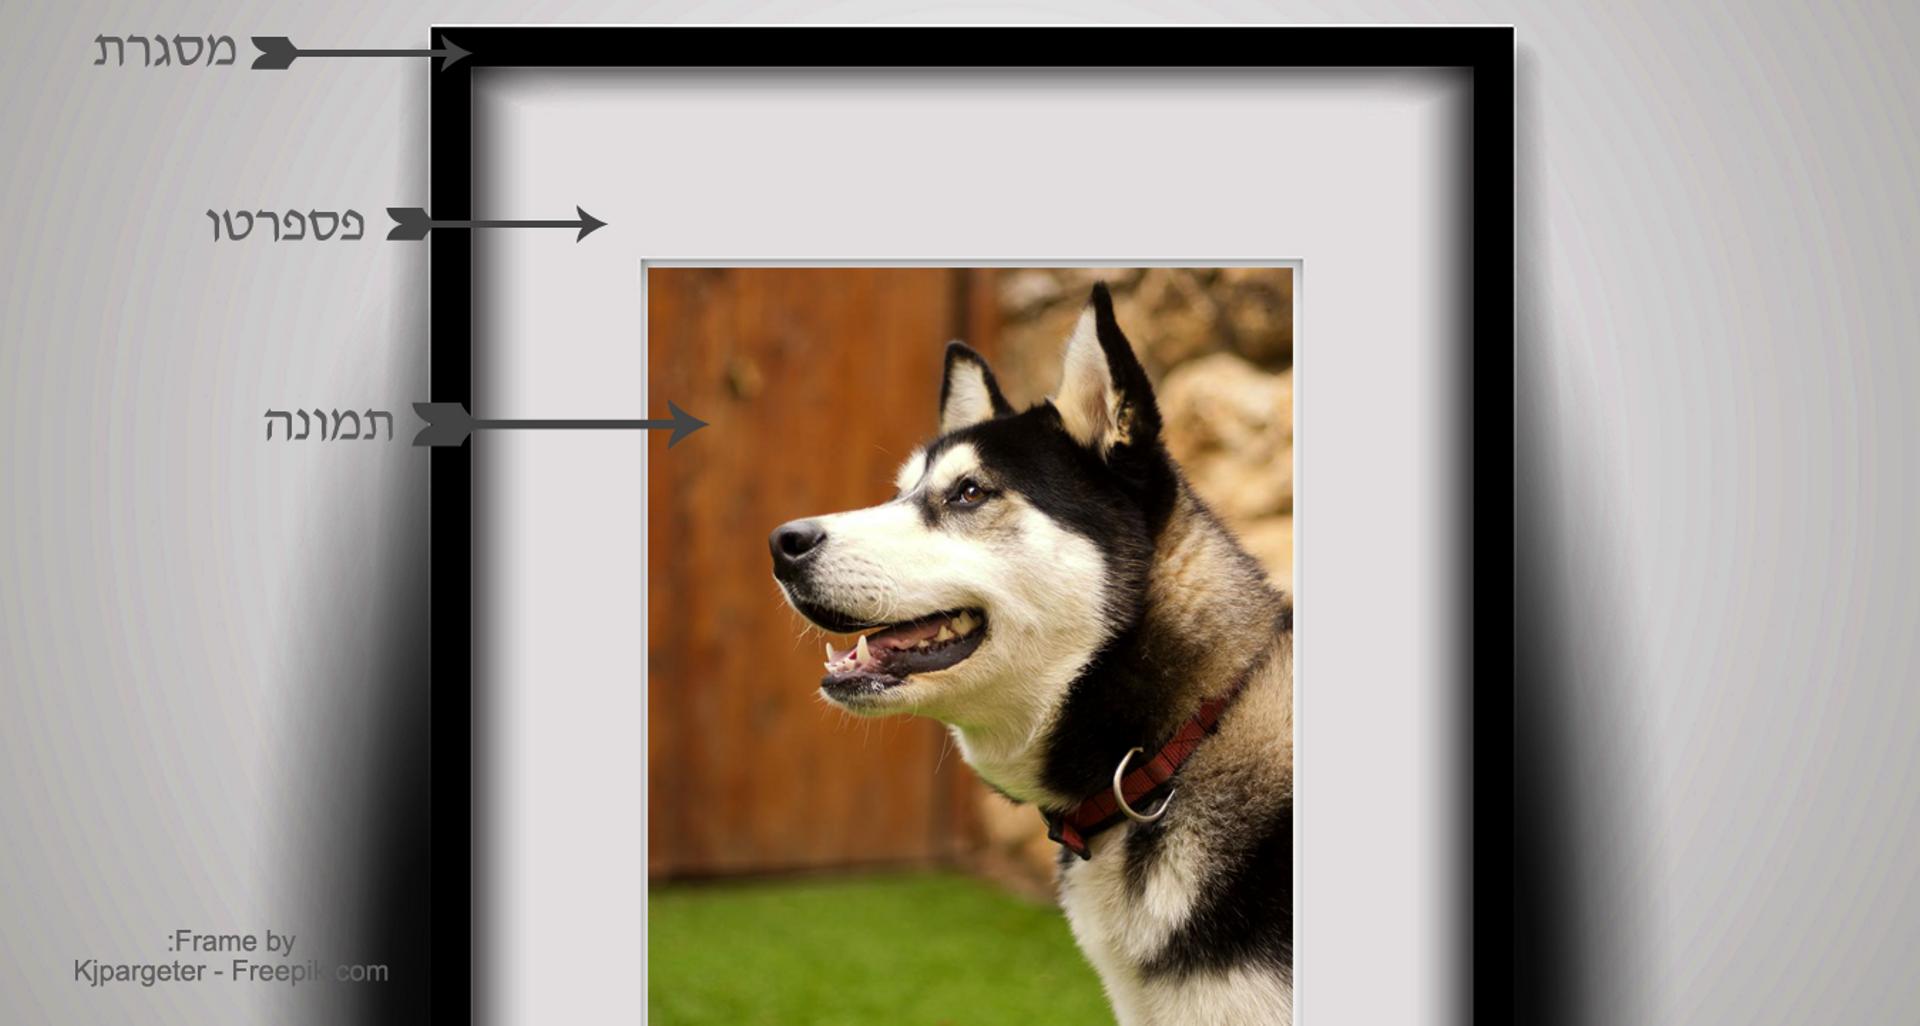 =מסגרת תמונה איכותית דגם FR9230, כולל הדפסת תמונה.